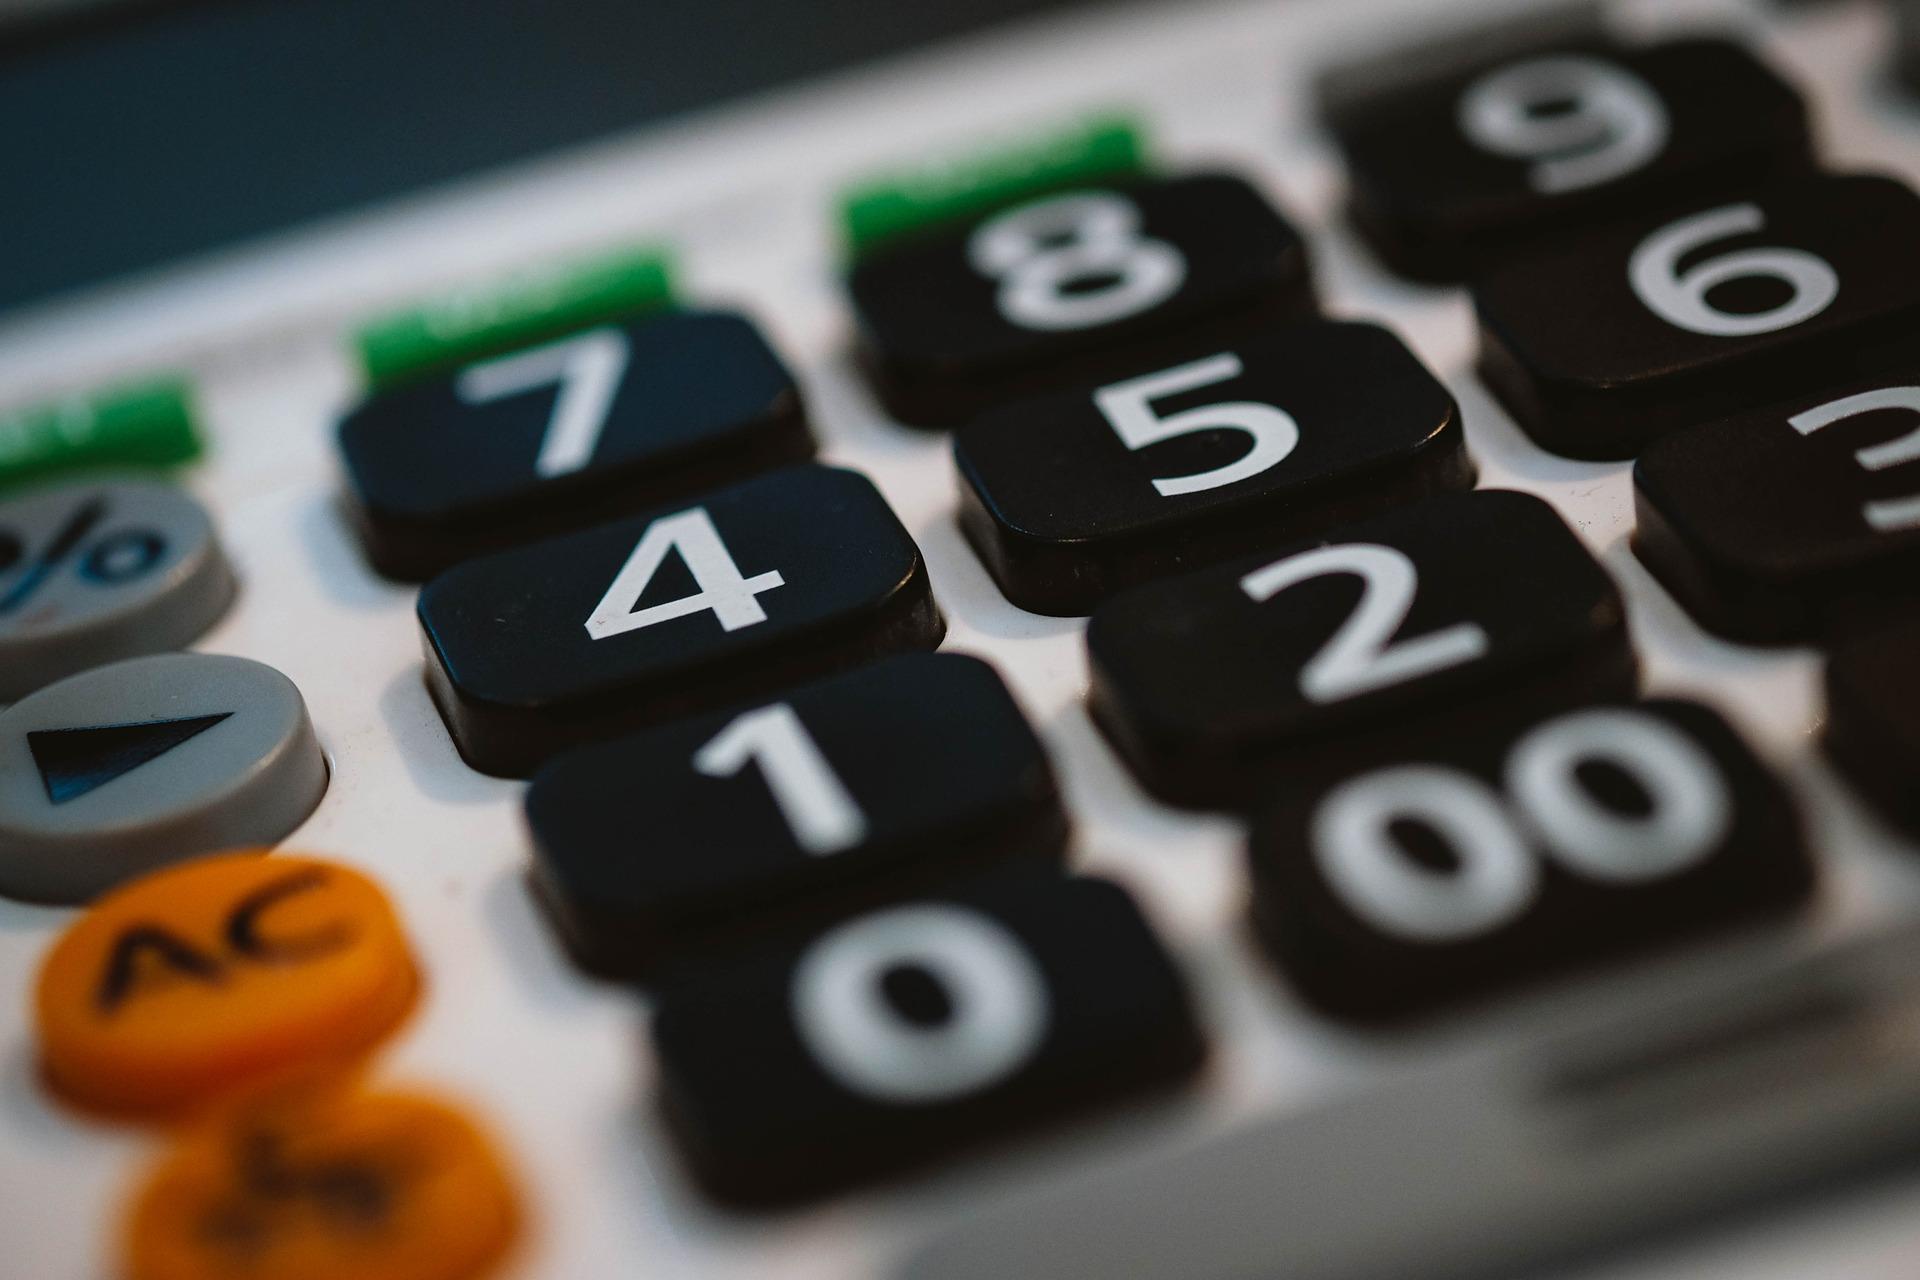 Wie mache ich mich selbstständig? | Teil 3 - Was ist mit Steuern, Buchhaltung & Finanzen?